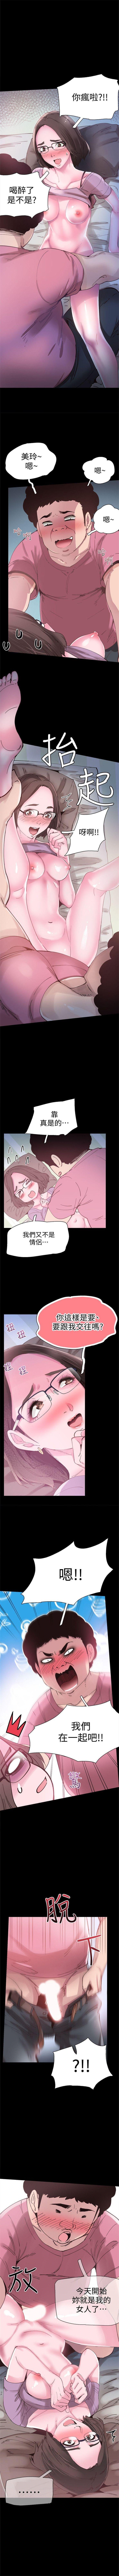 (週7)校園live秀 1-50 中文翻譯(更新中) 31